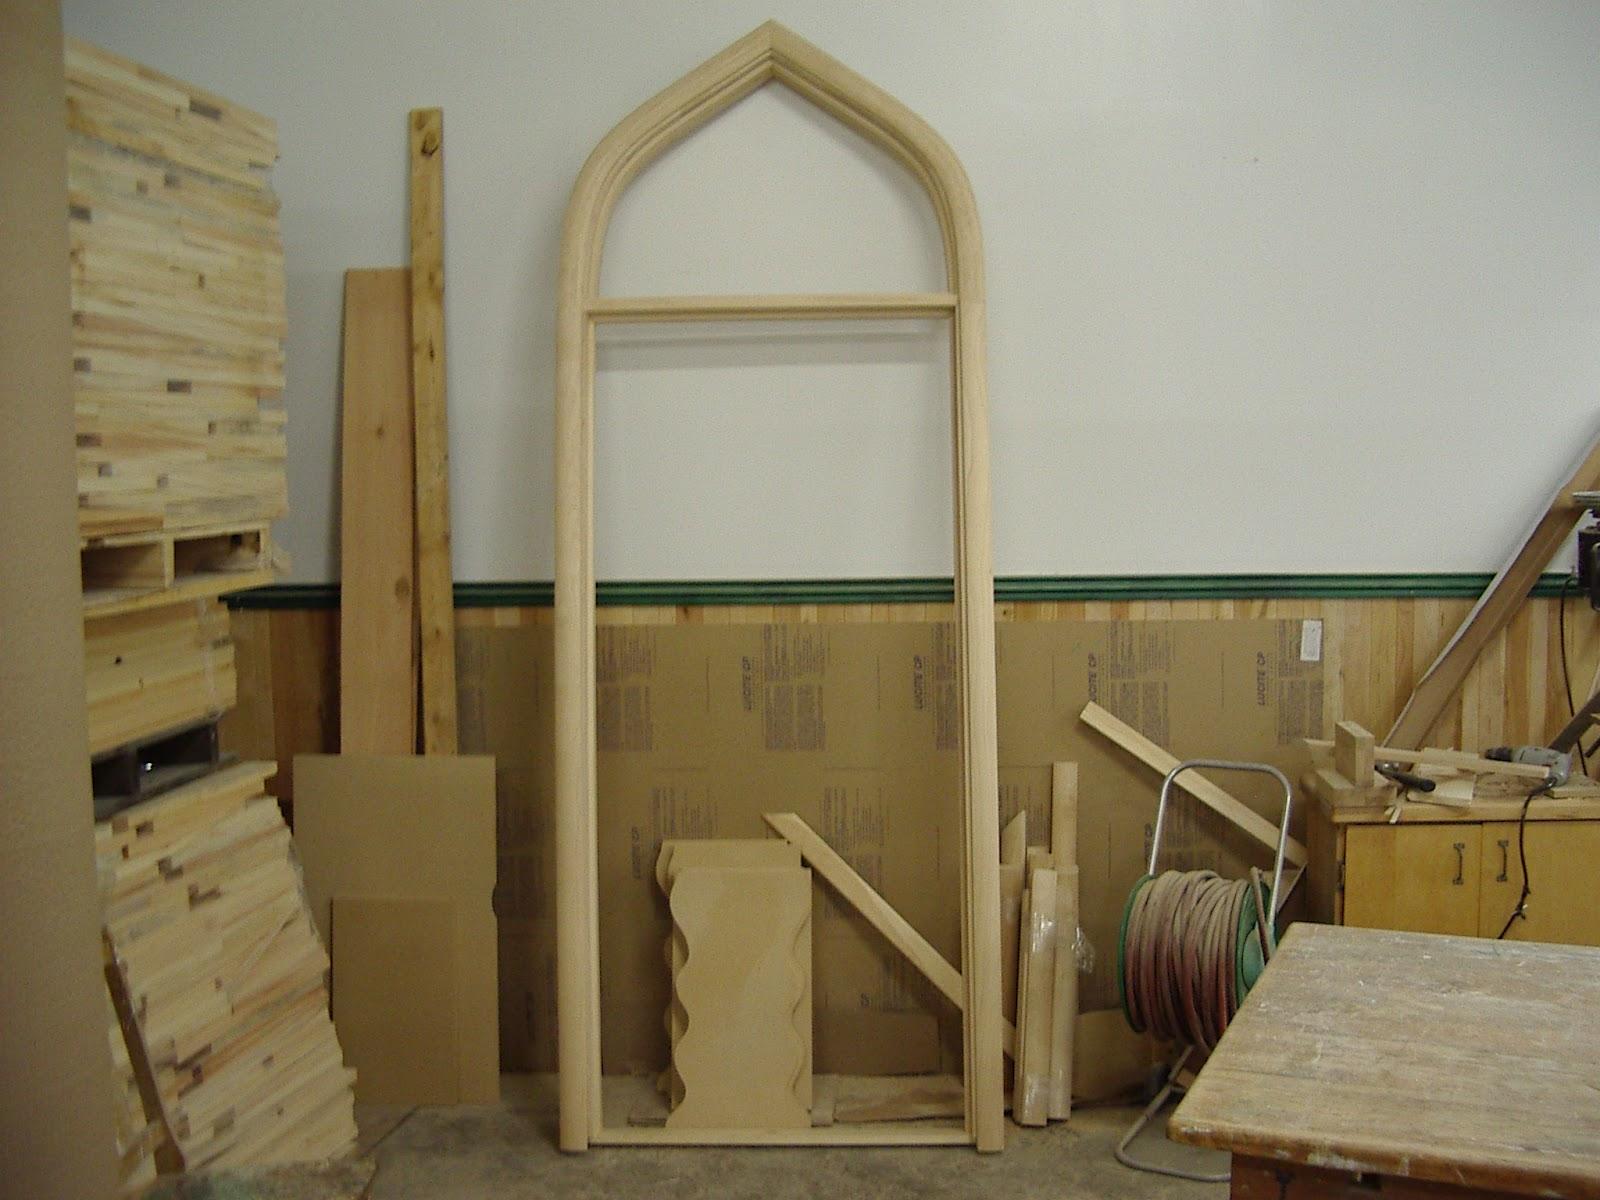 menuiserie st m thode cadre de porte en bois. Black Bedroom Furniture Sets. Home Design Ideas